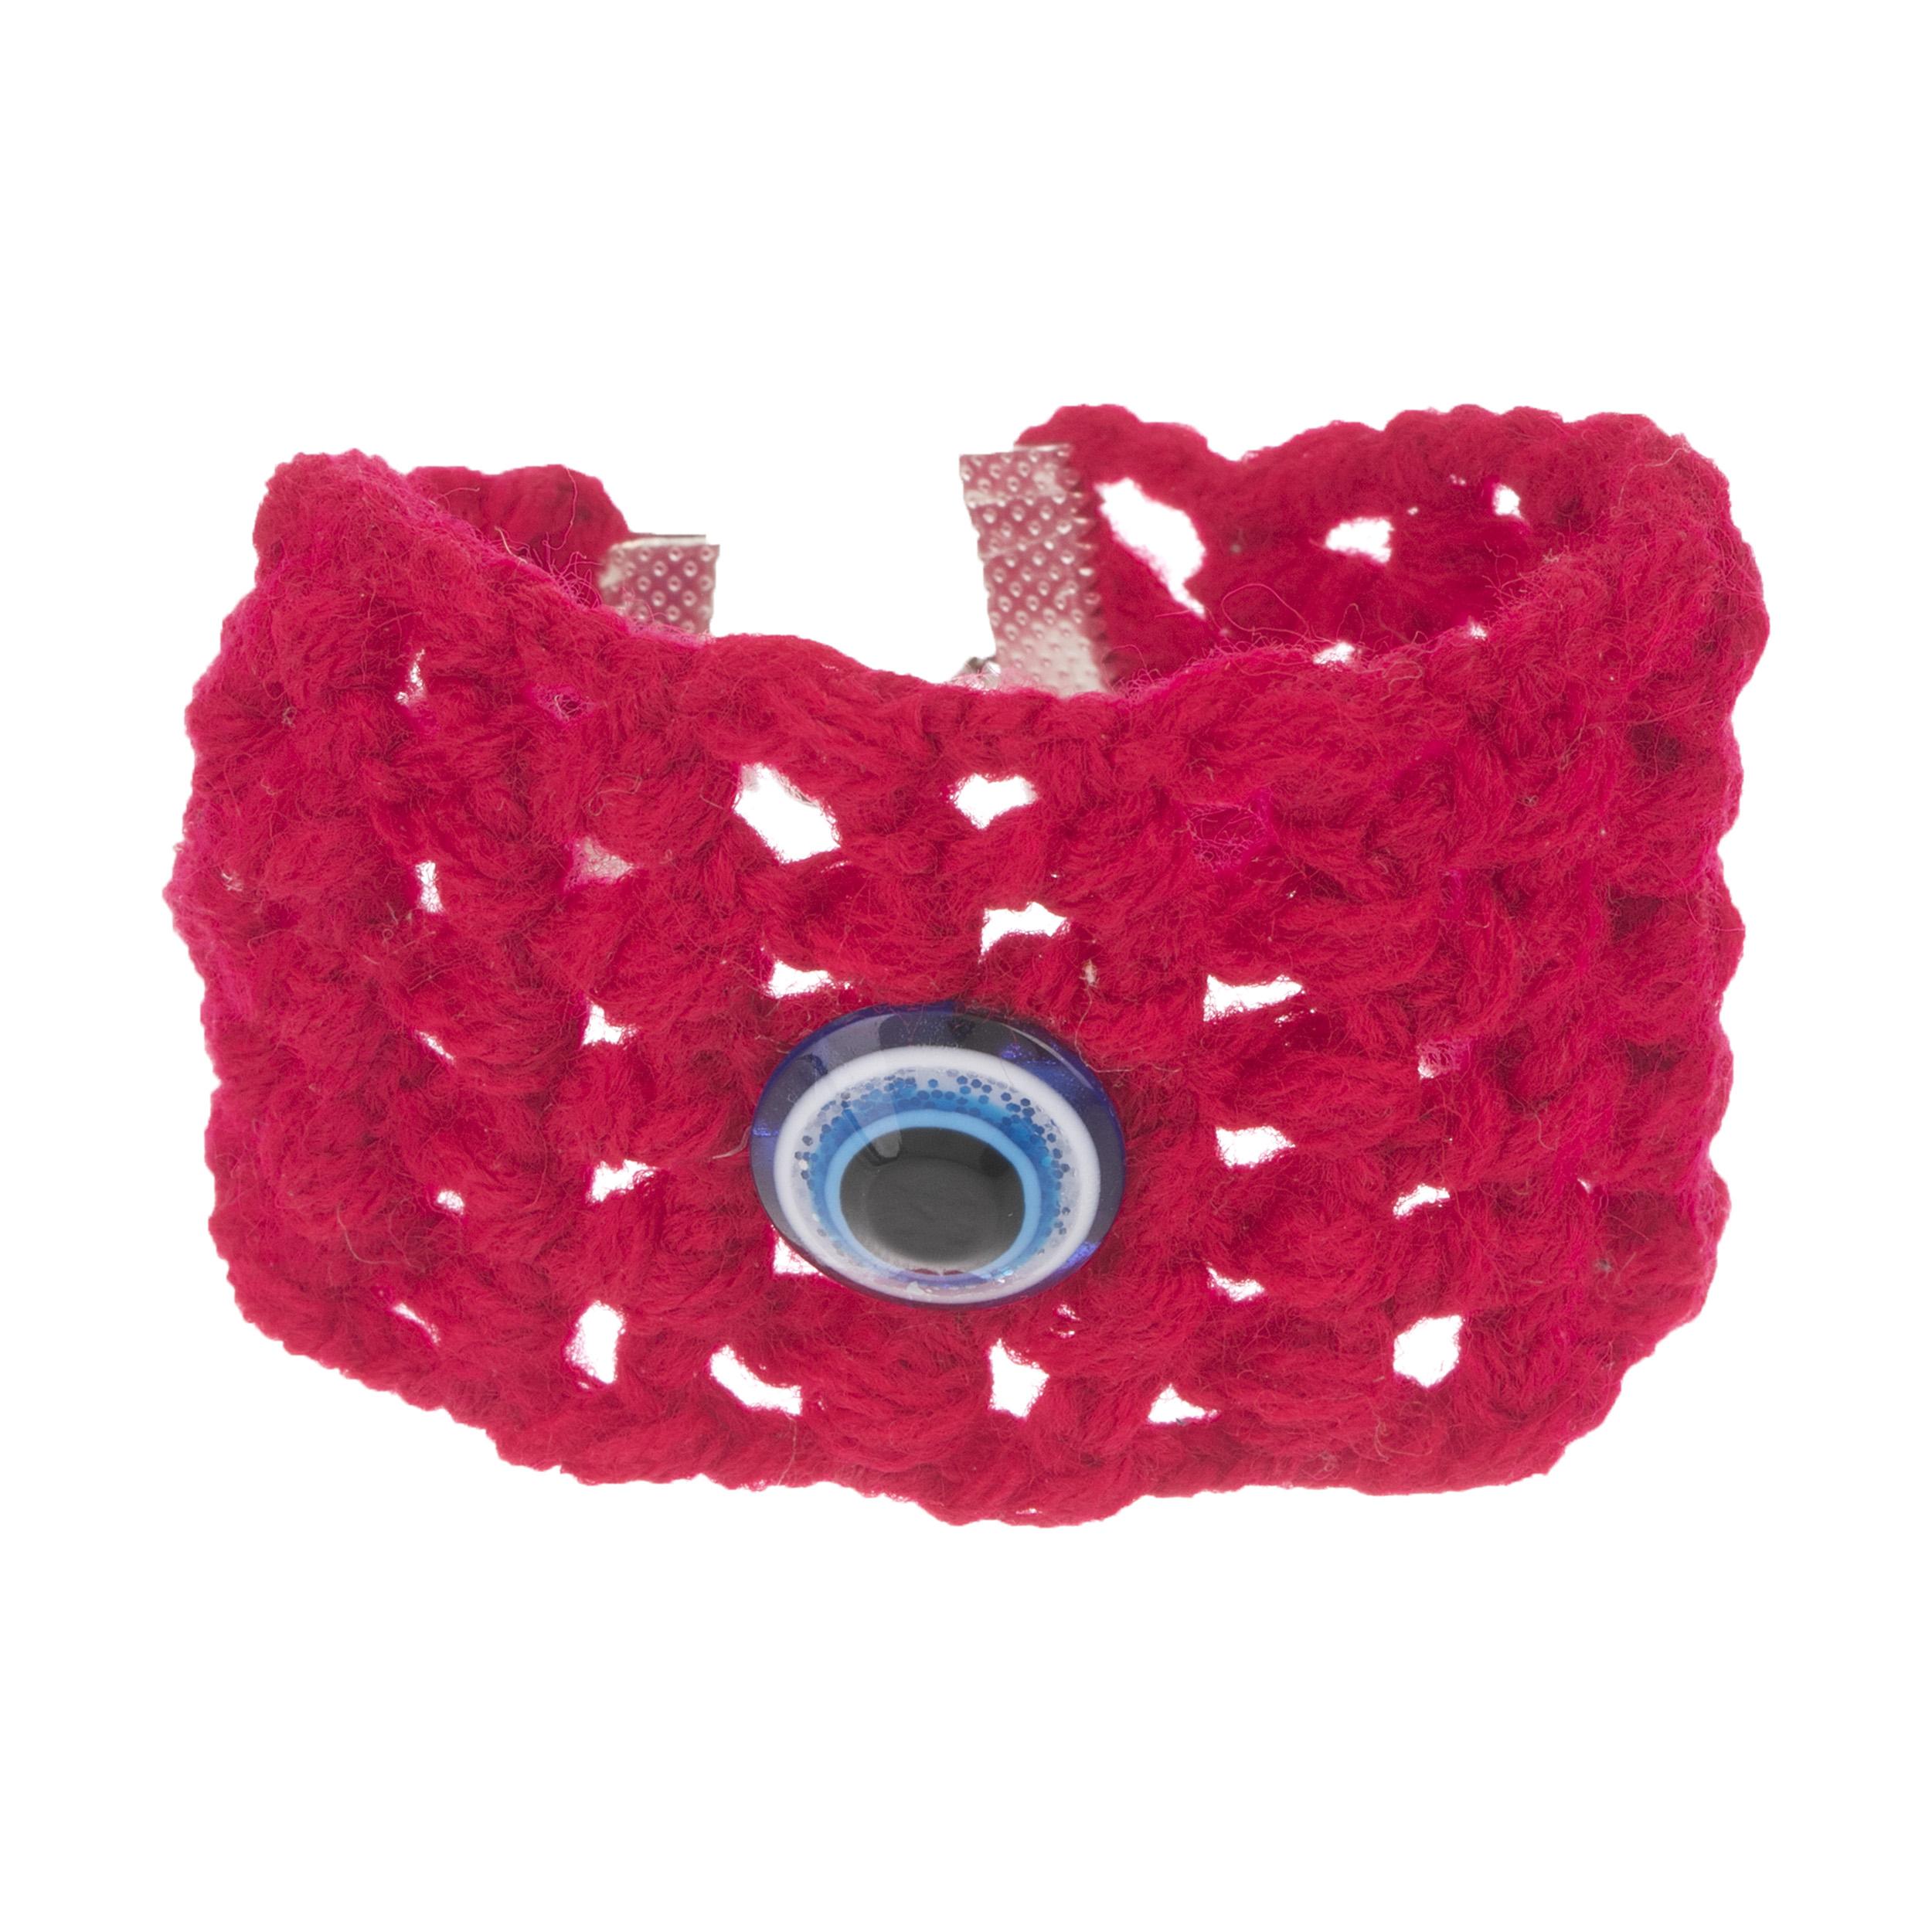 دستبند زنانه طرح چشم نظر کد 8 تک سایز